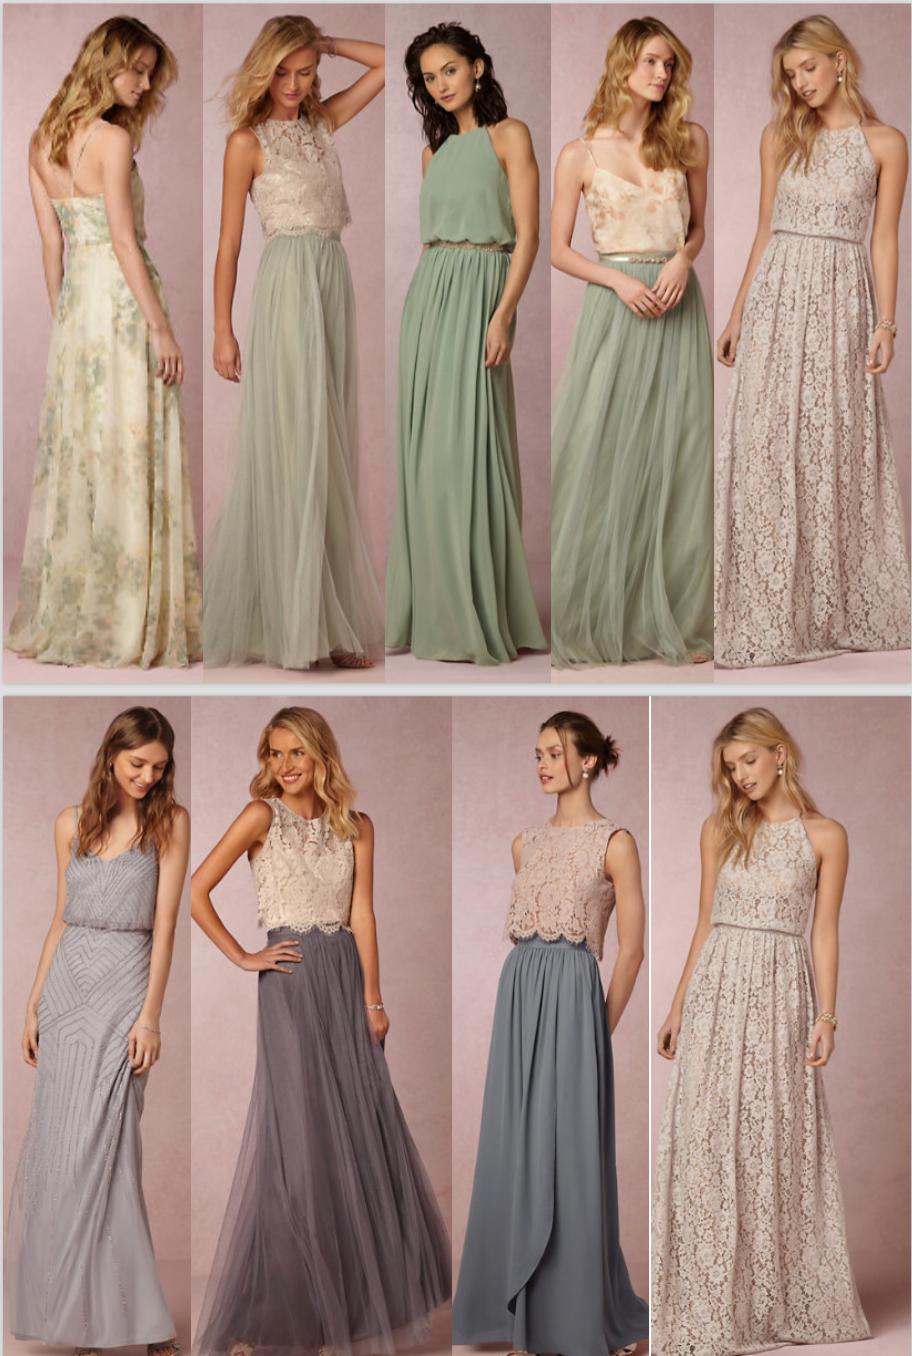 Designer Top Abendkleid Pastell Galerie - Abendkleid